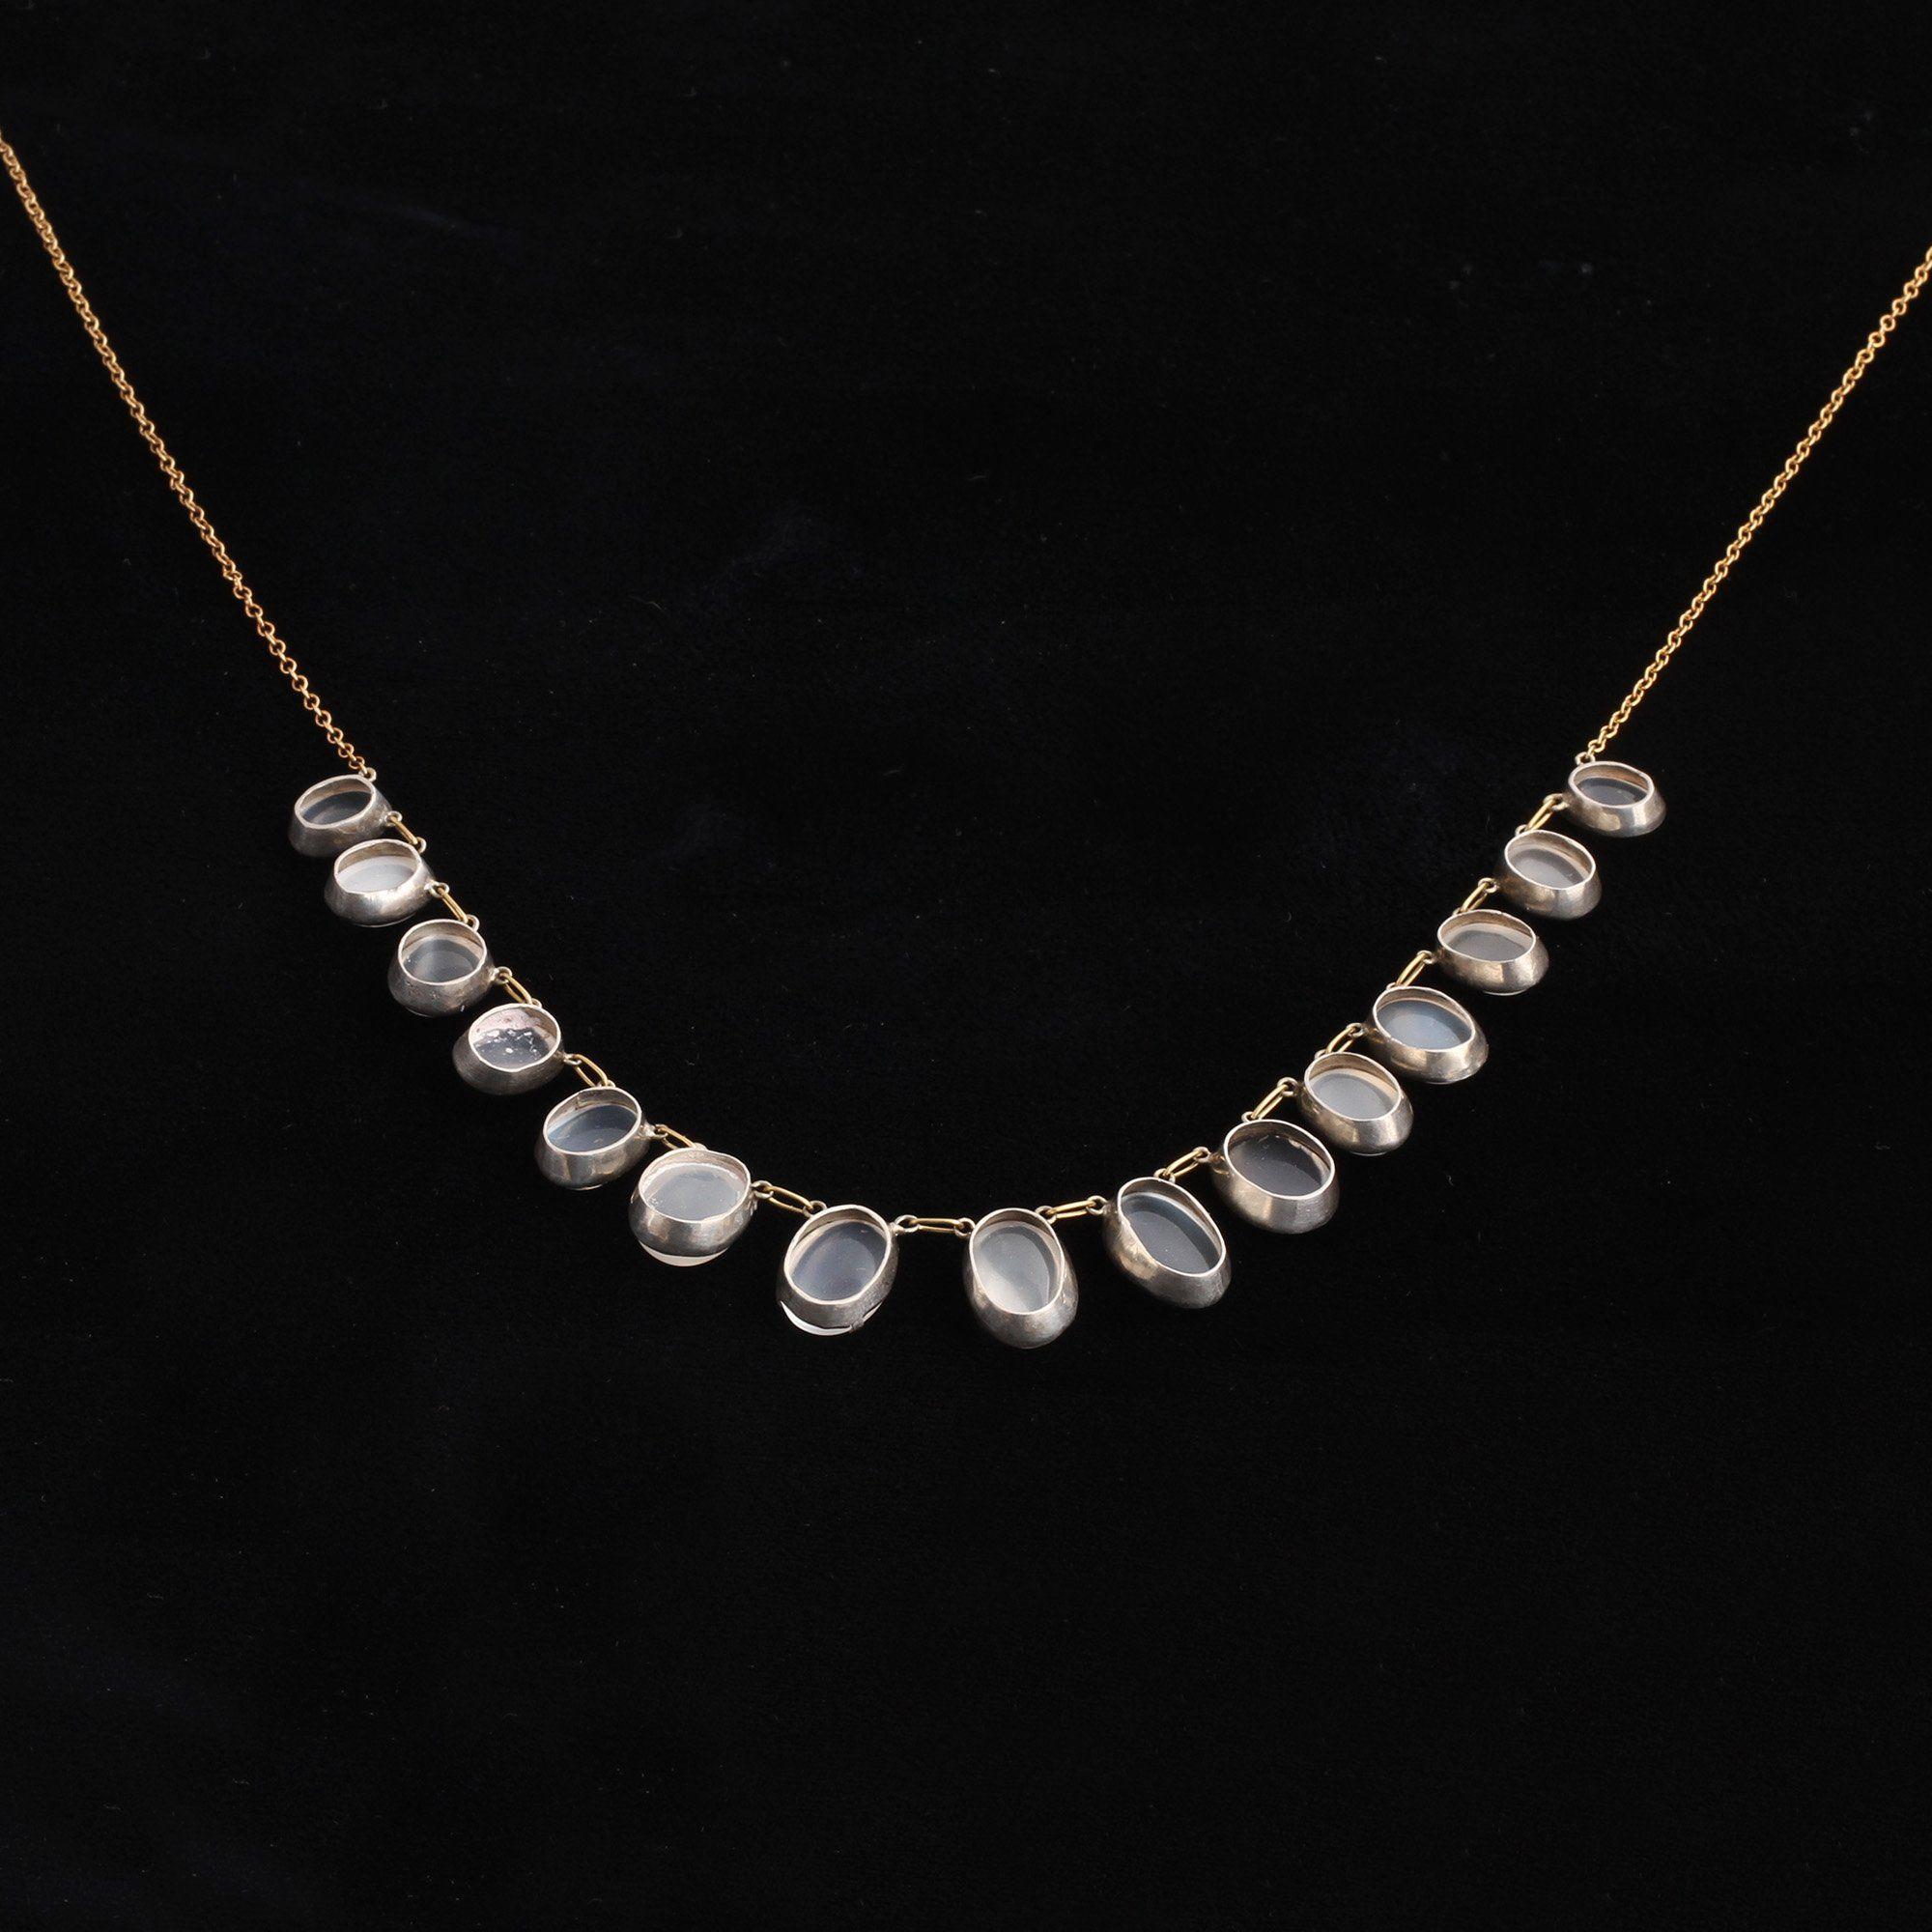 Edwardian Moonstone Necklace